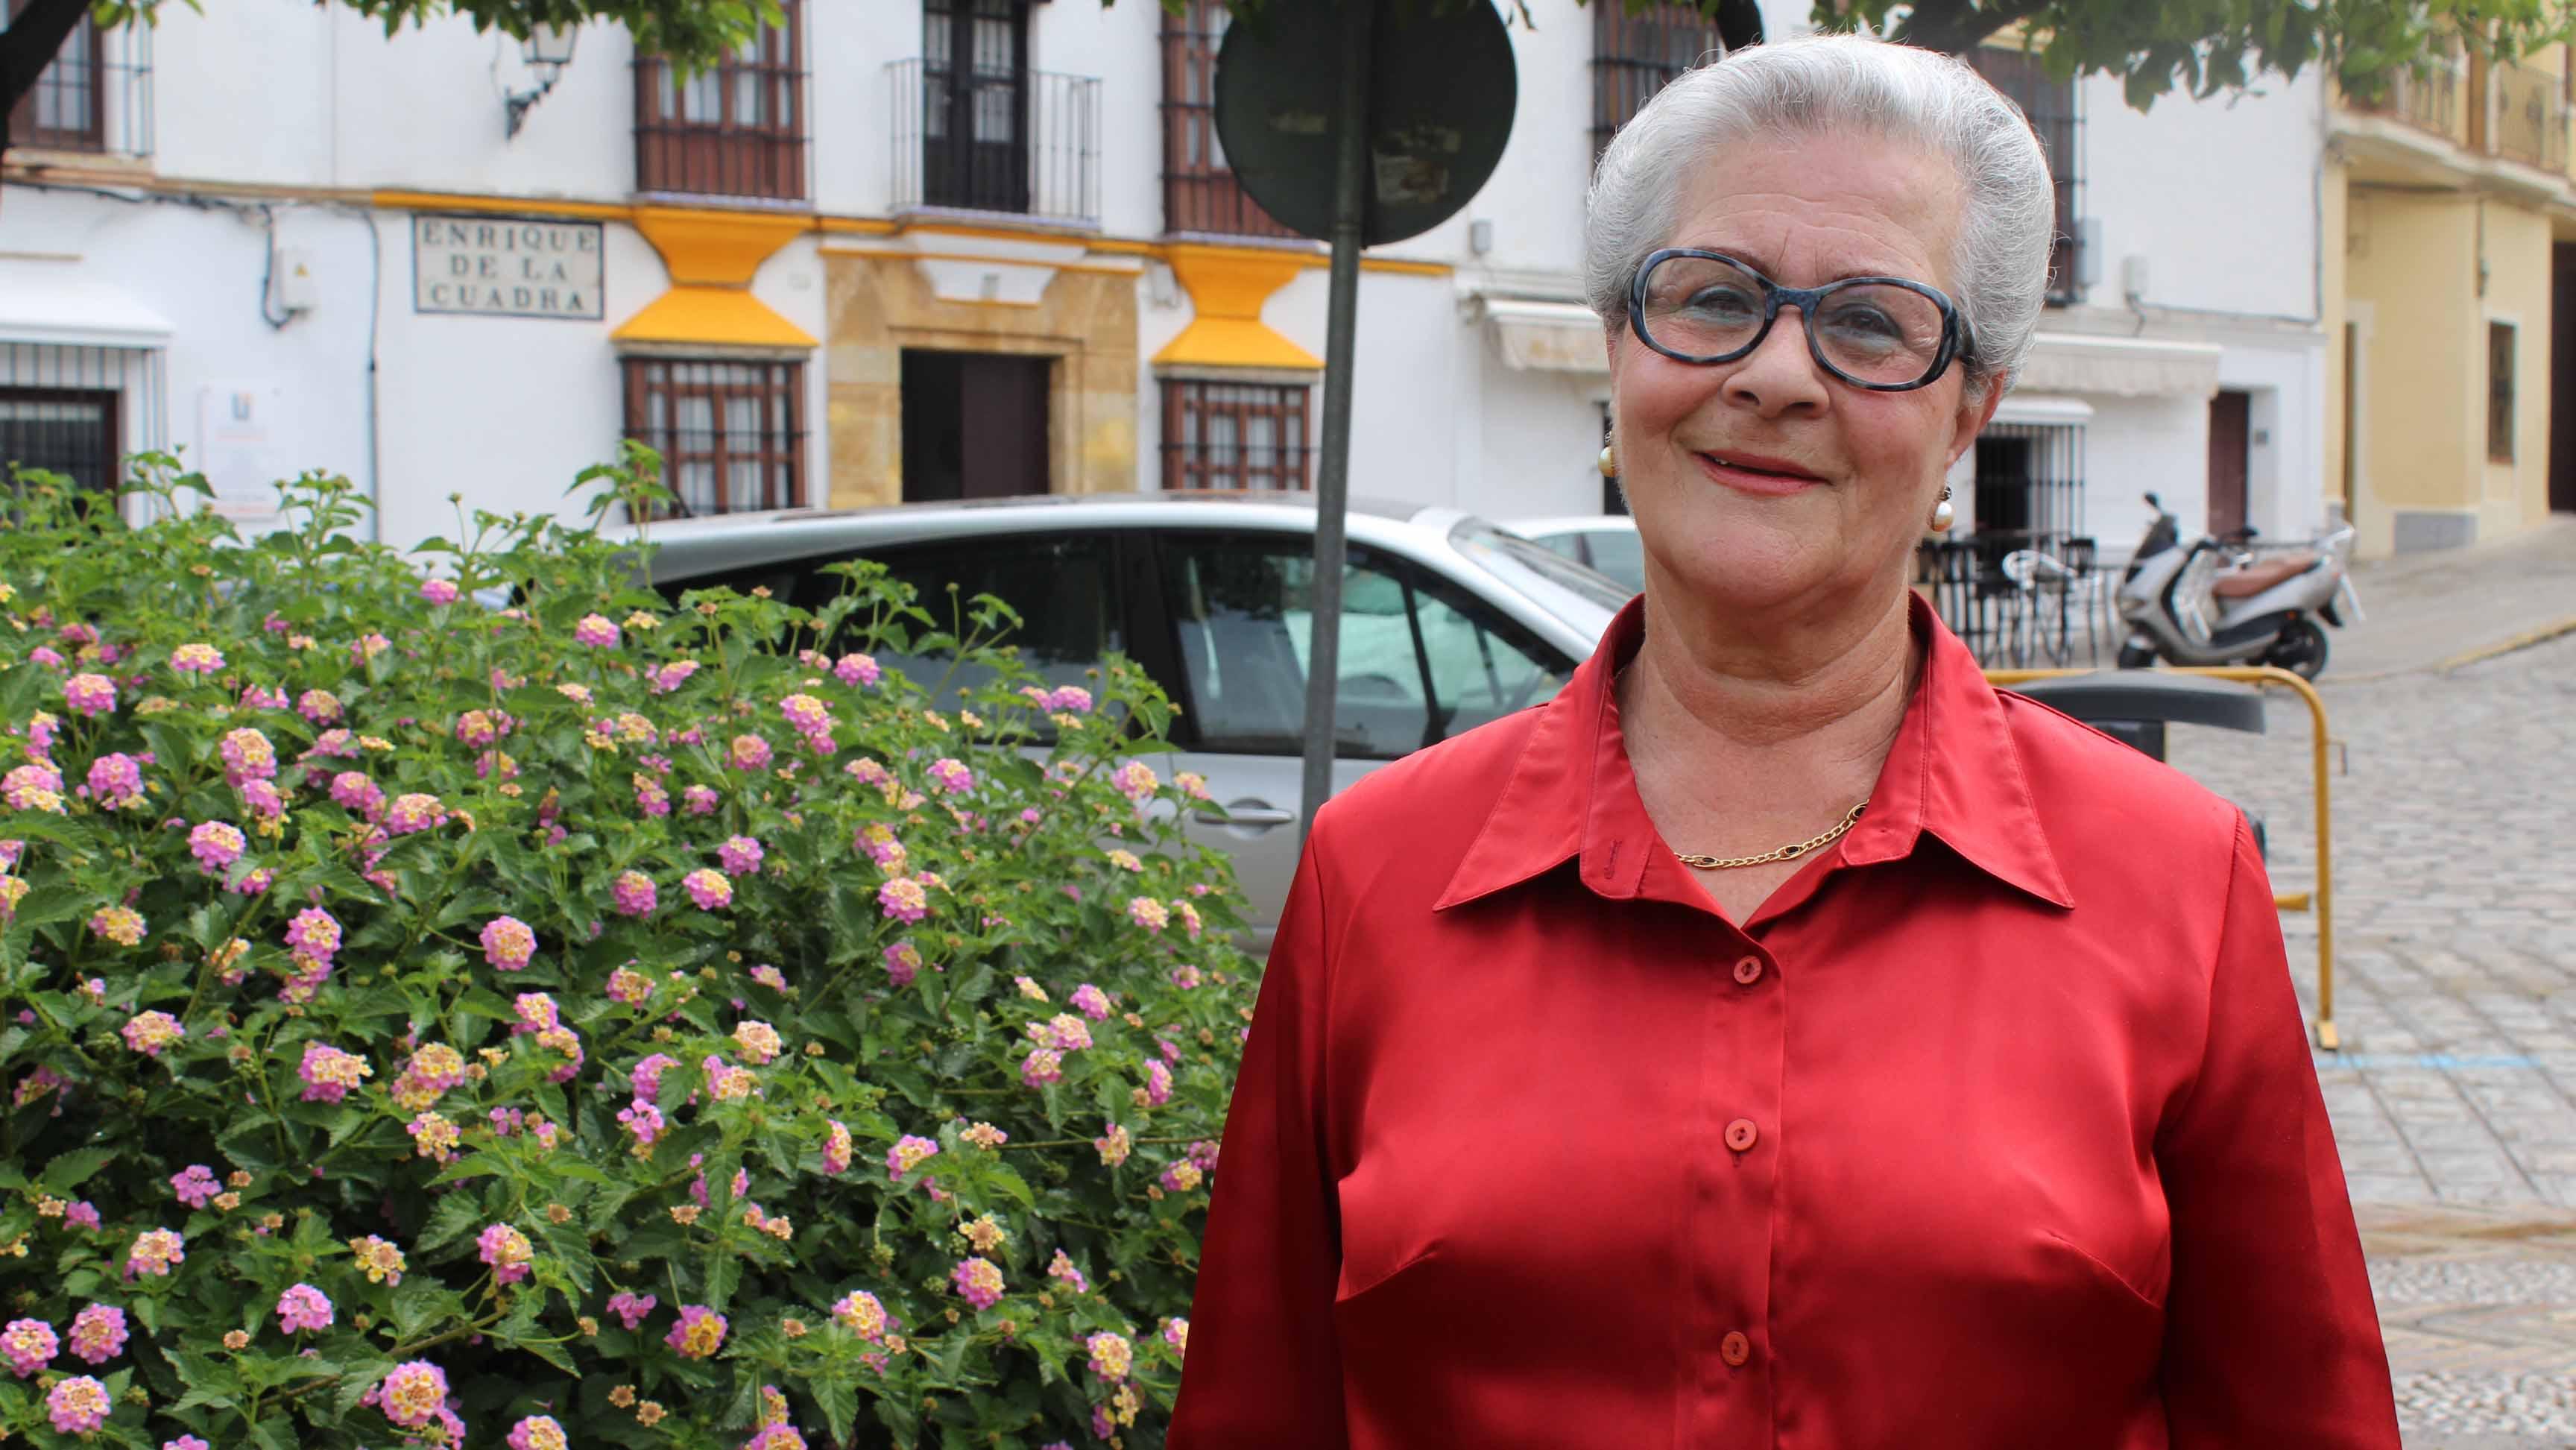 La utrerana Pepa Amores comenzó a trabajar en la aceituna con solo 14 años